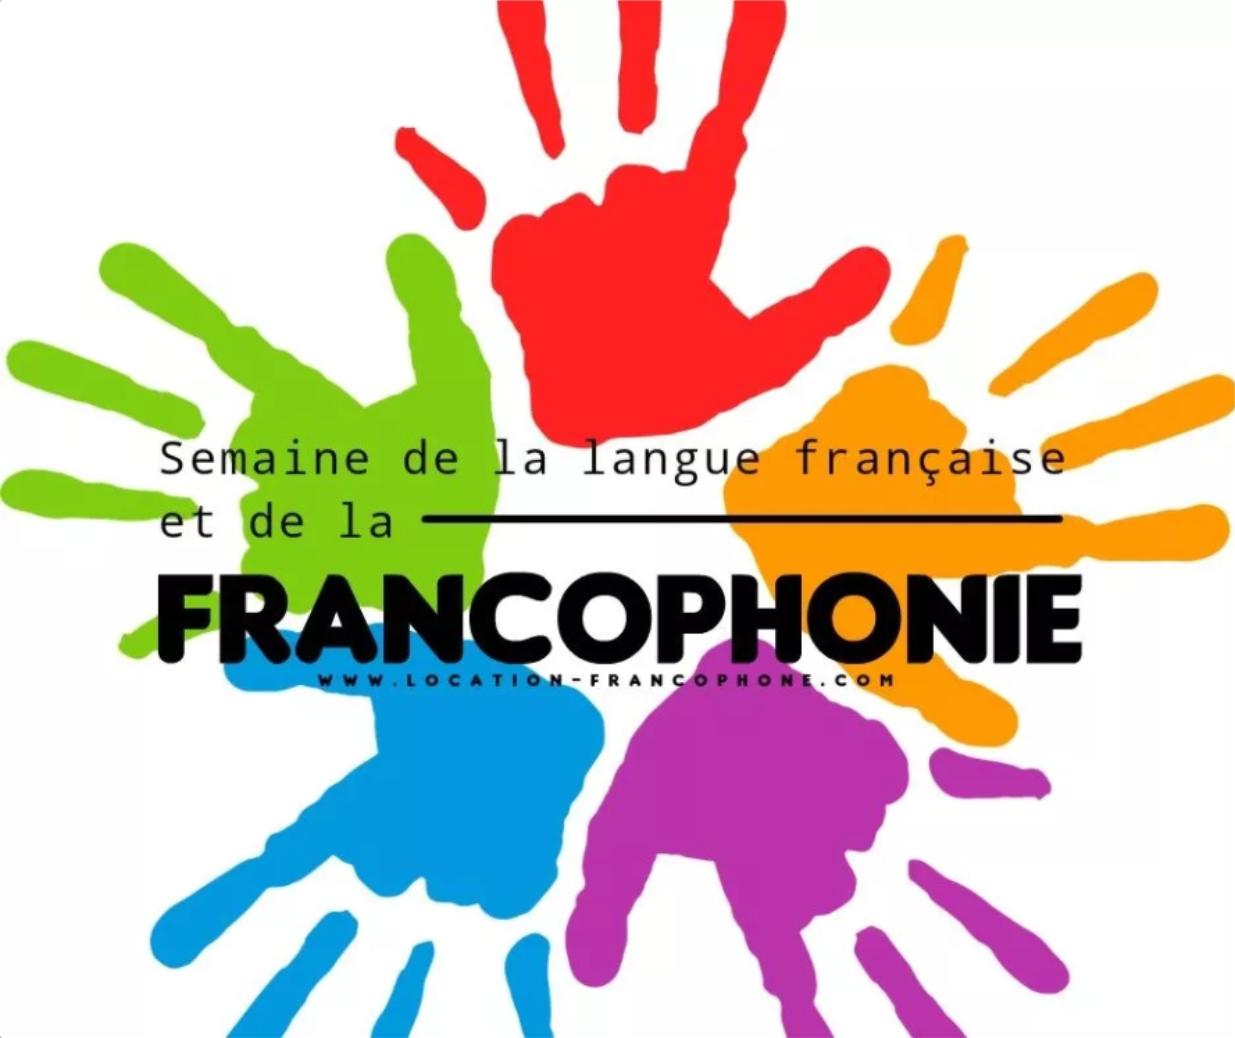 Settimana della francofonia